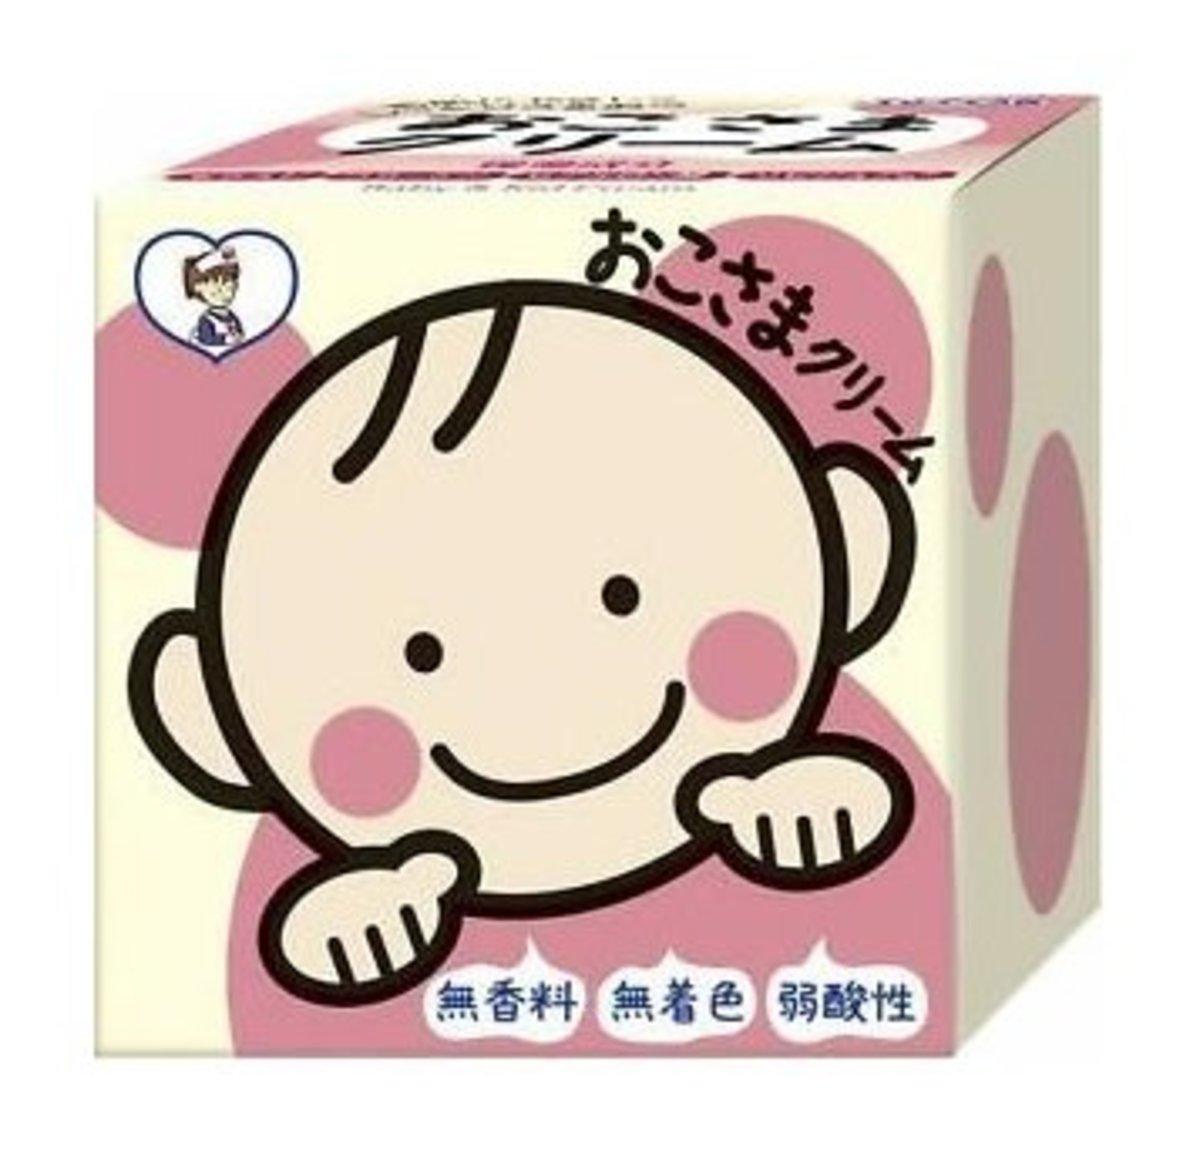 Baby&Kid Cream 110g